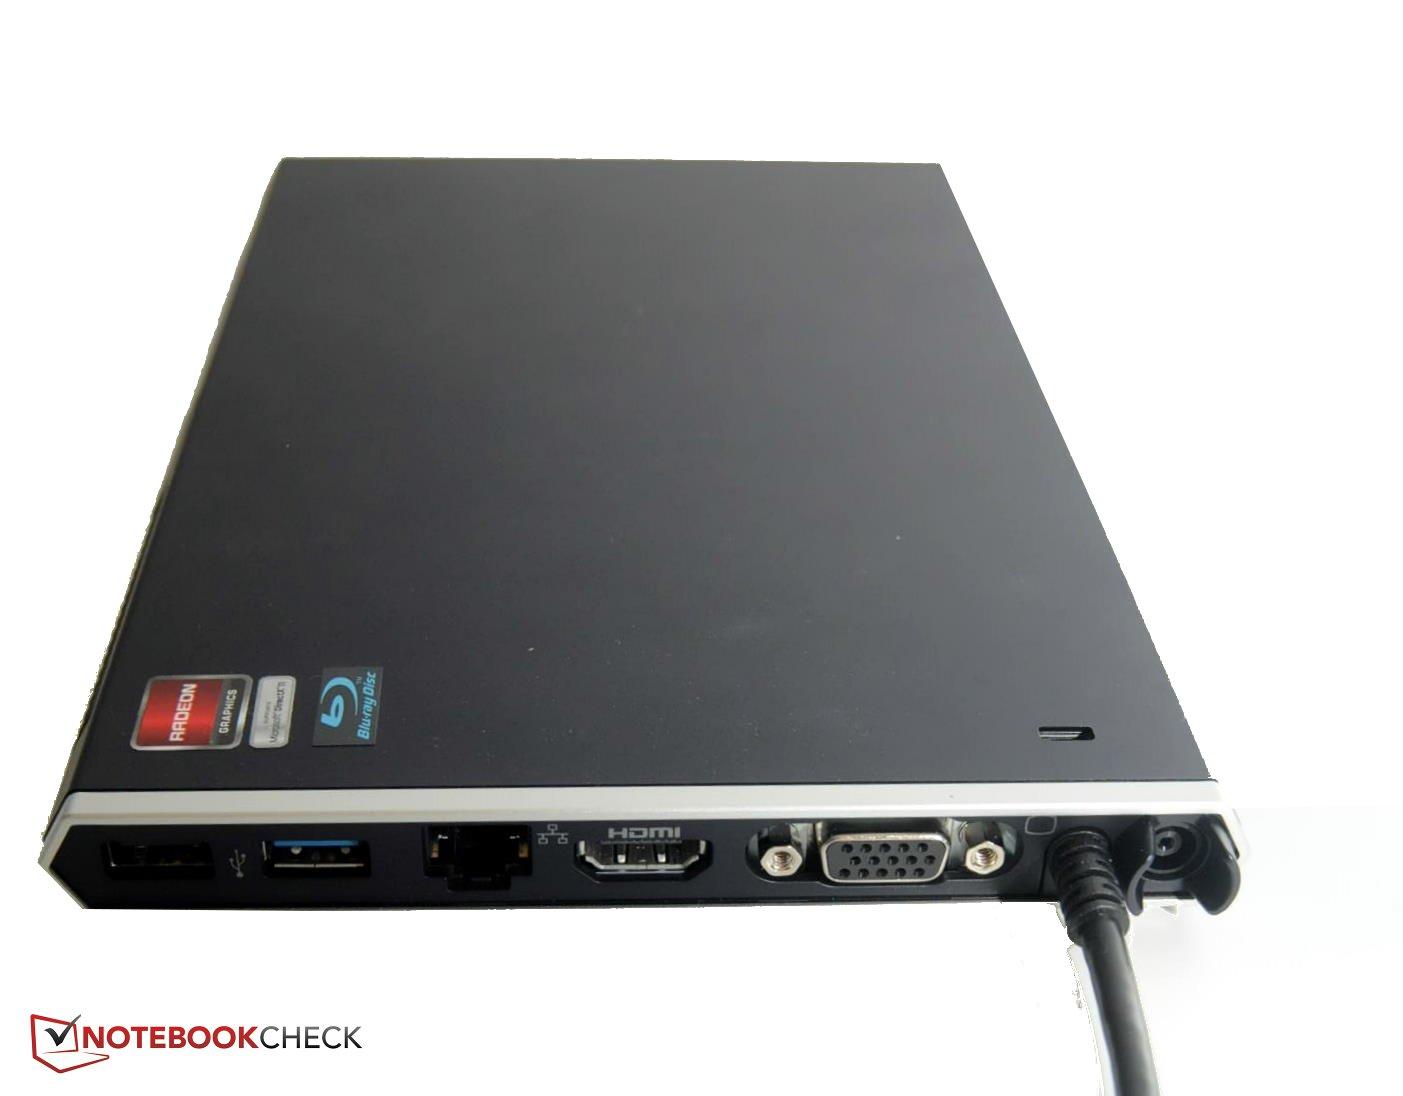 review sony vaio vpc z23n9e b subnotebook notebookcheck net reviews rh notebookcheck net Windows 8 Sony Vaio Z Sony Vaio Z Drivers